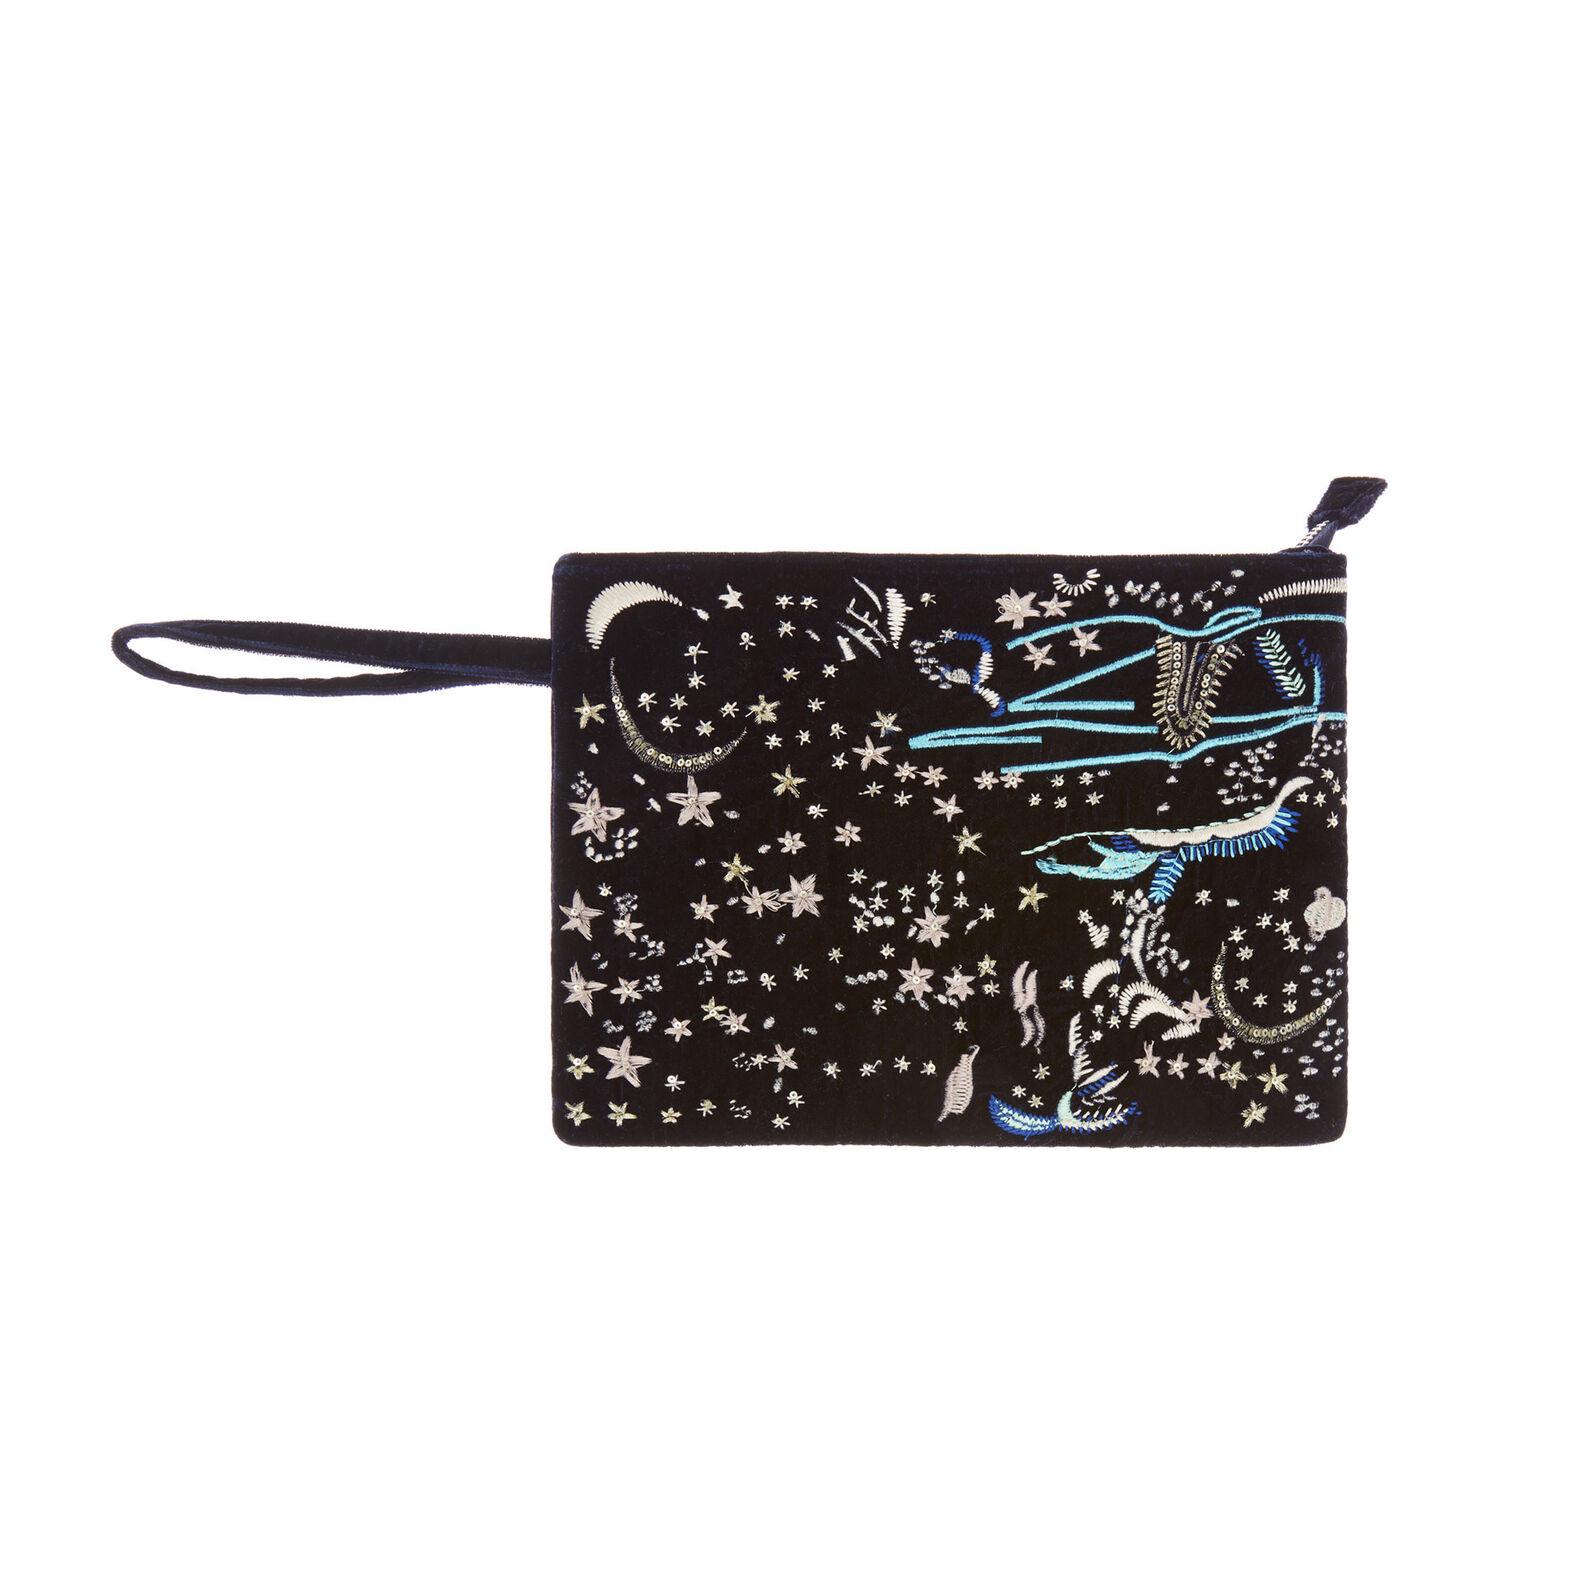 Universe motif cotton beauty case